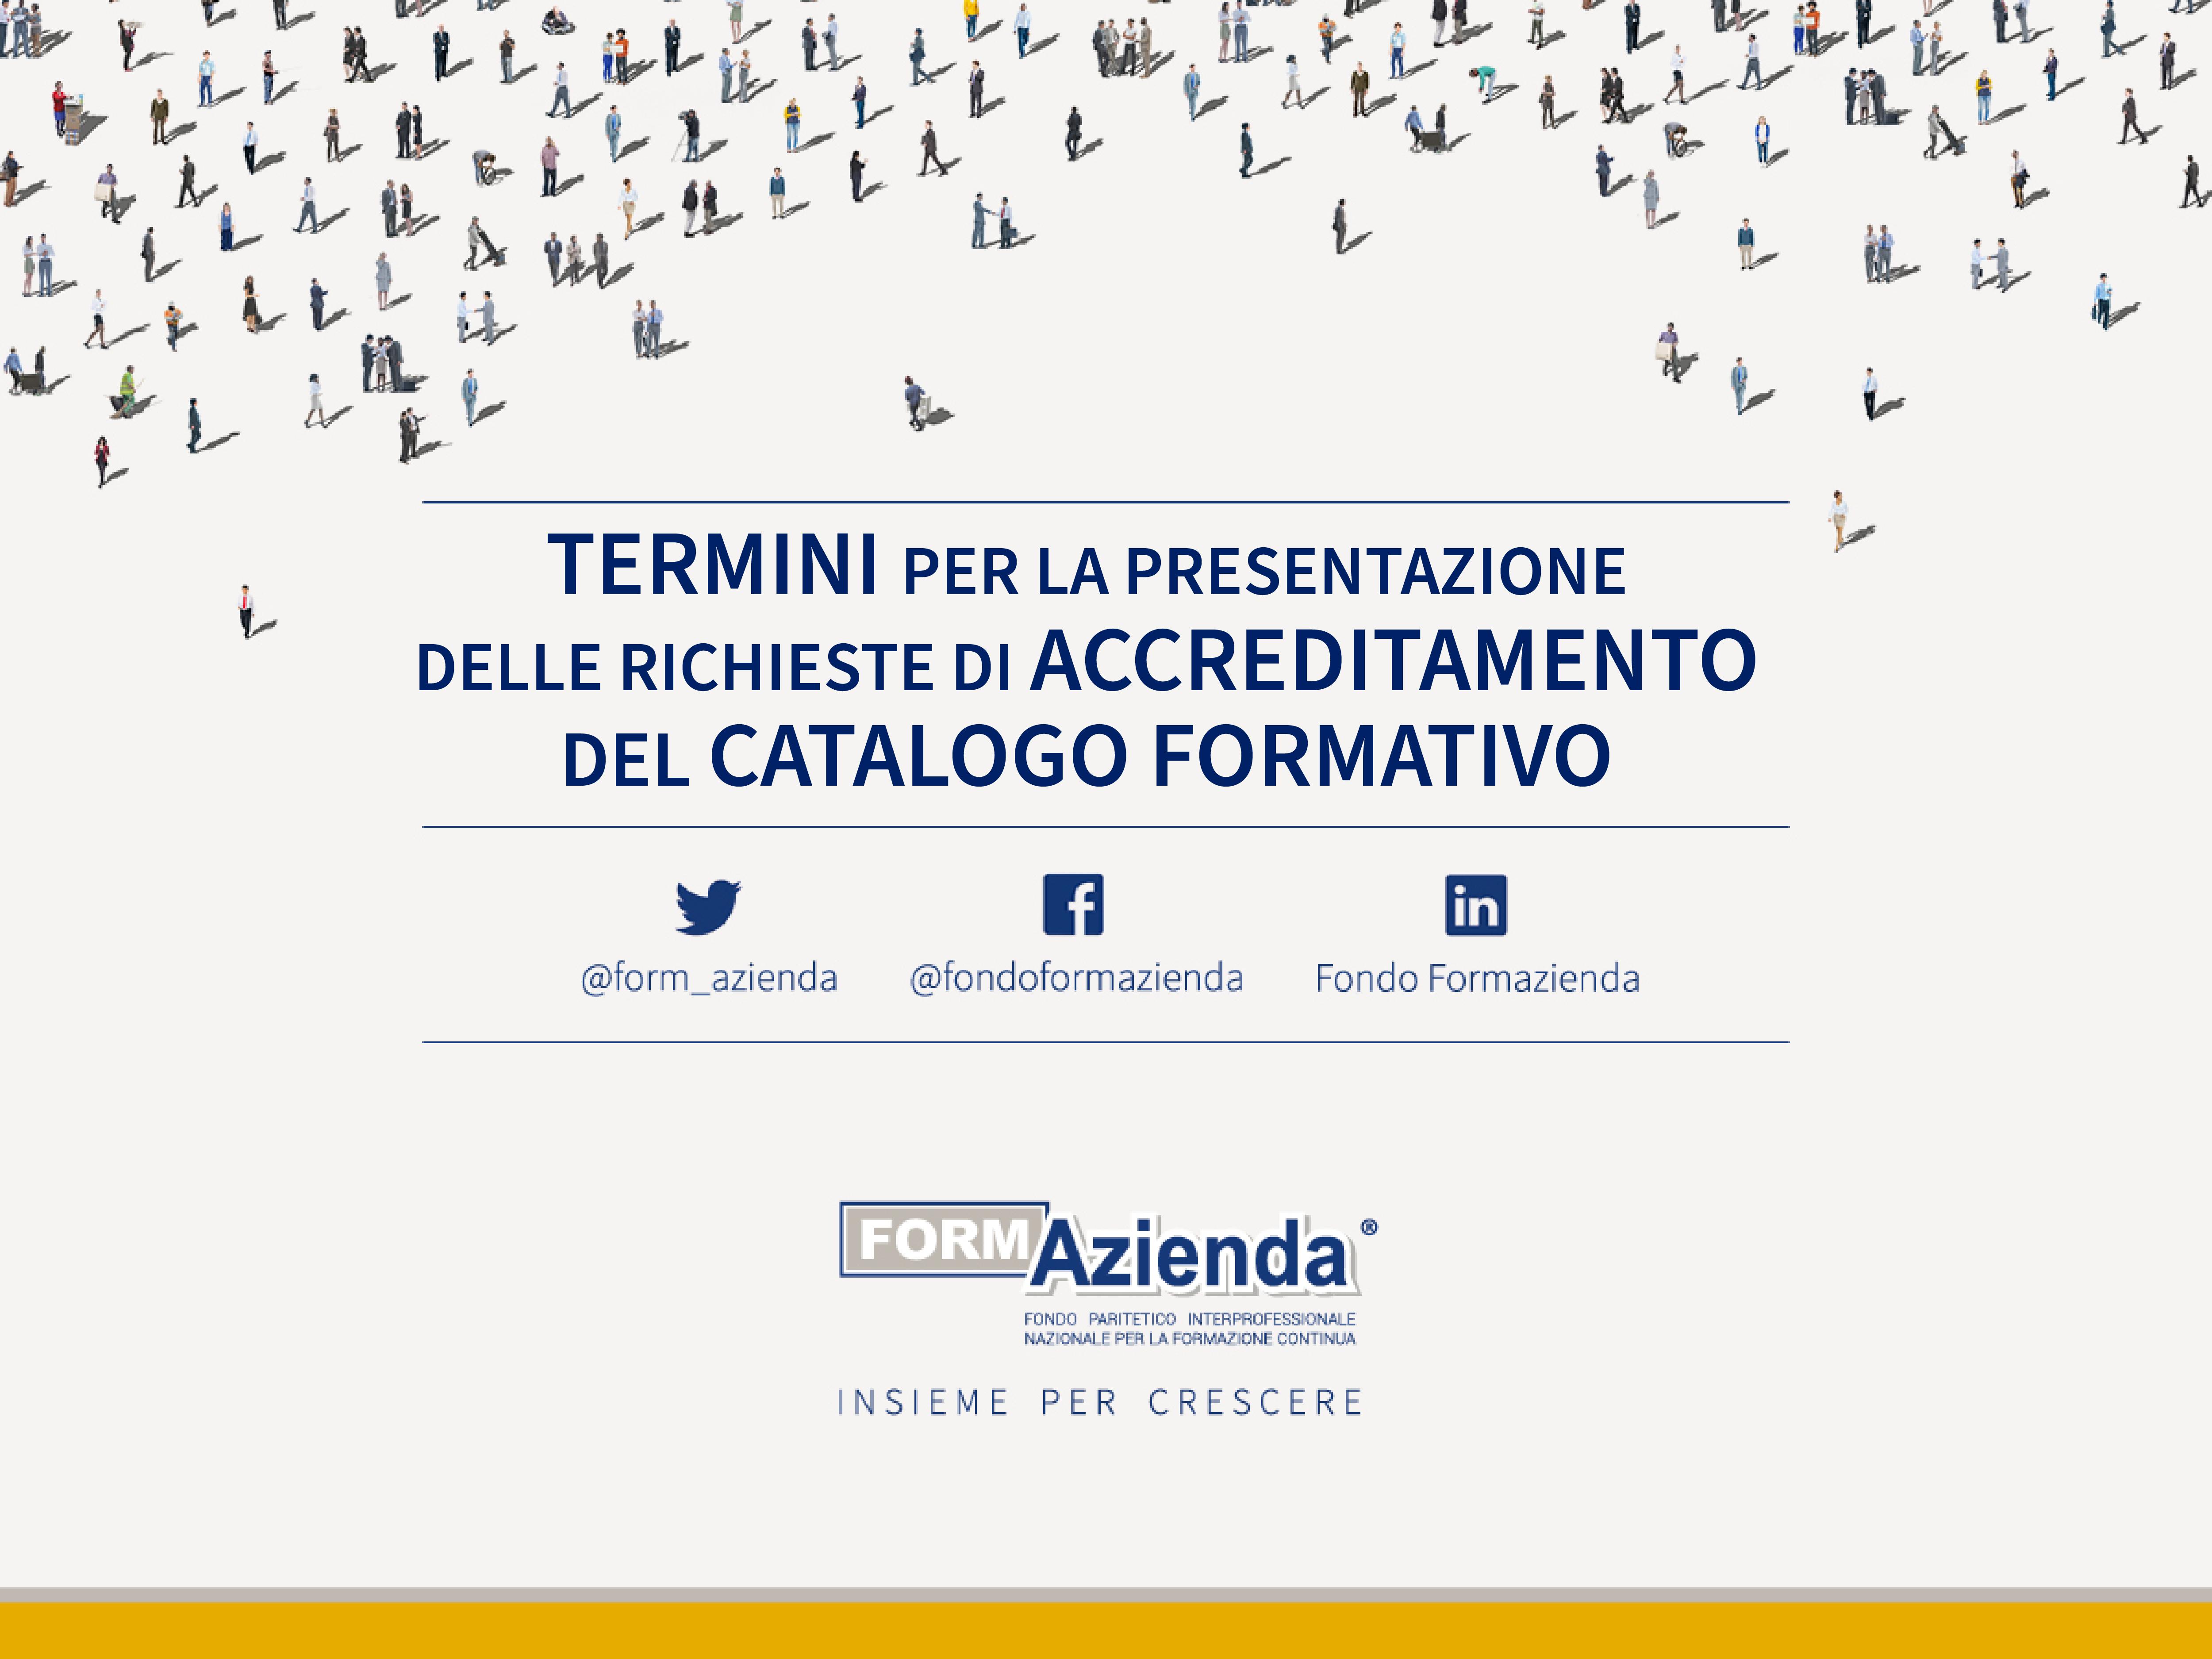 Termini per la presentazione delle richieste di Accreditamento del Catalogo Formativo